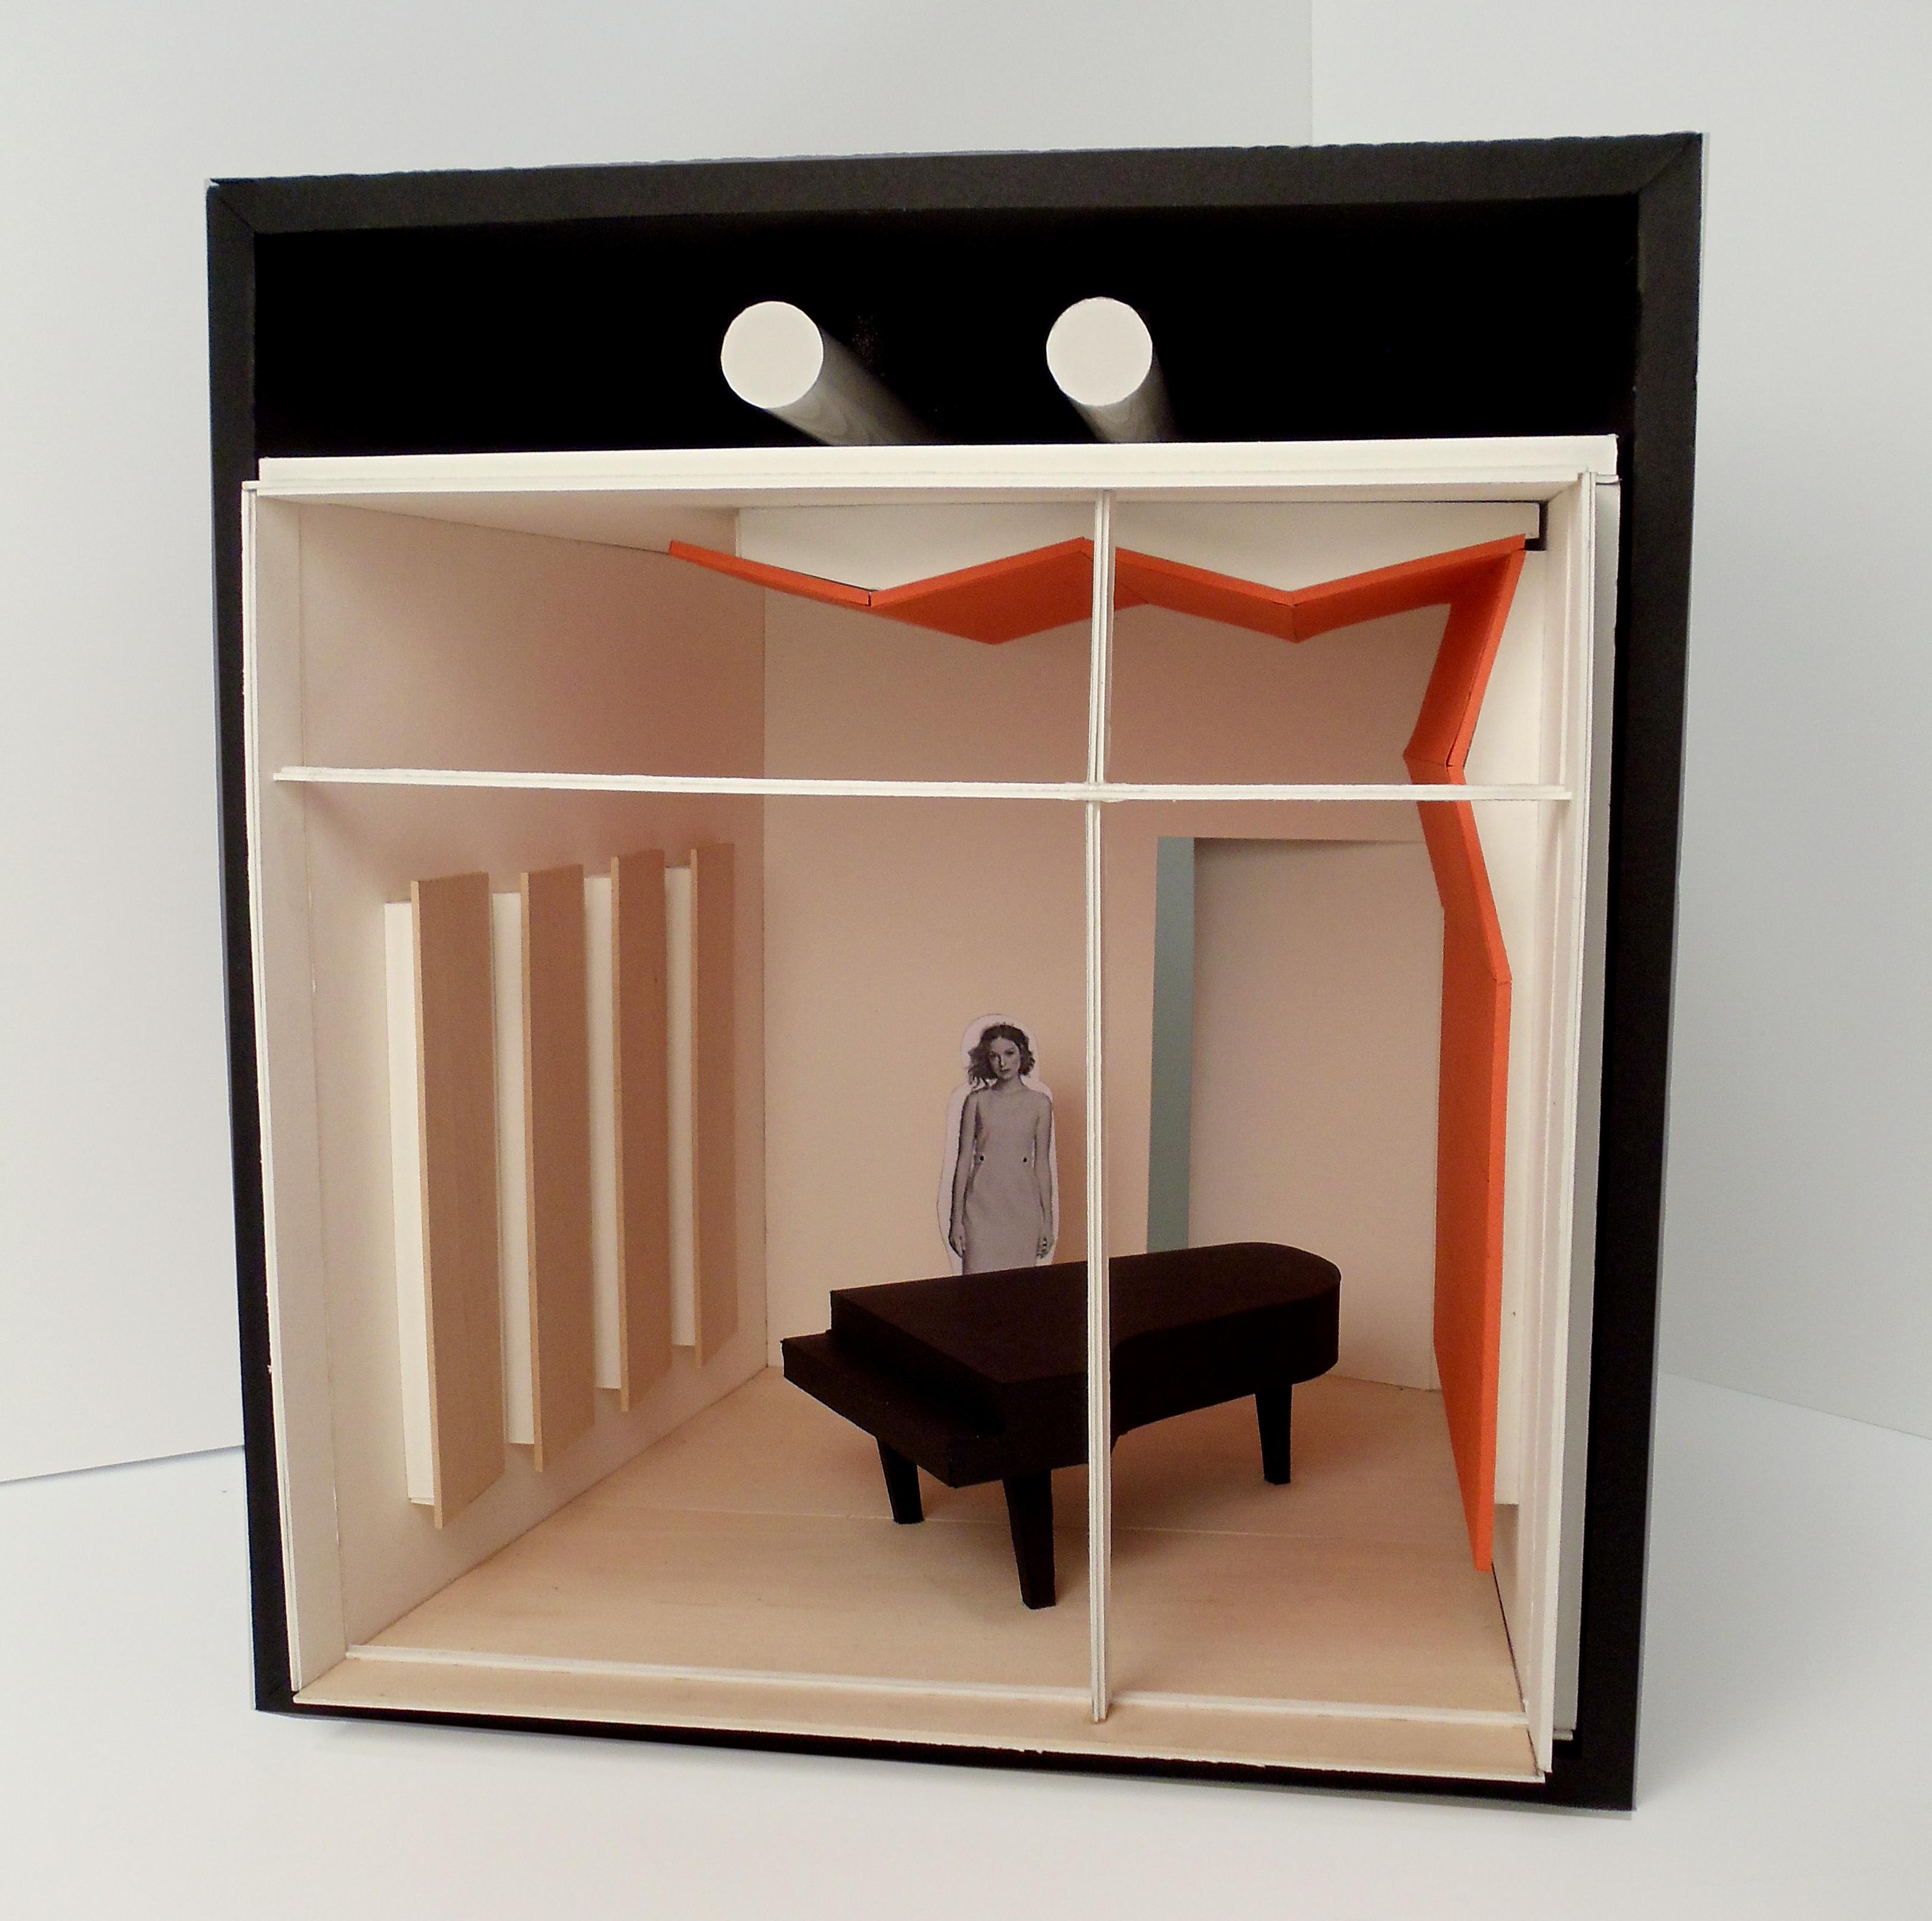 model of practice room